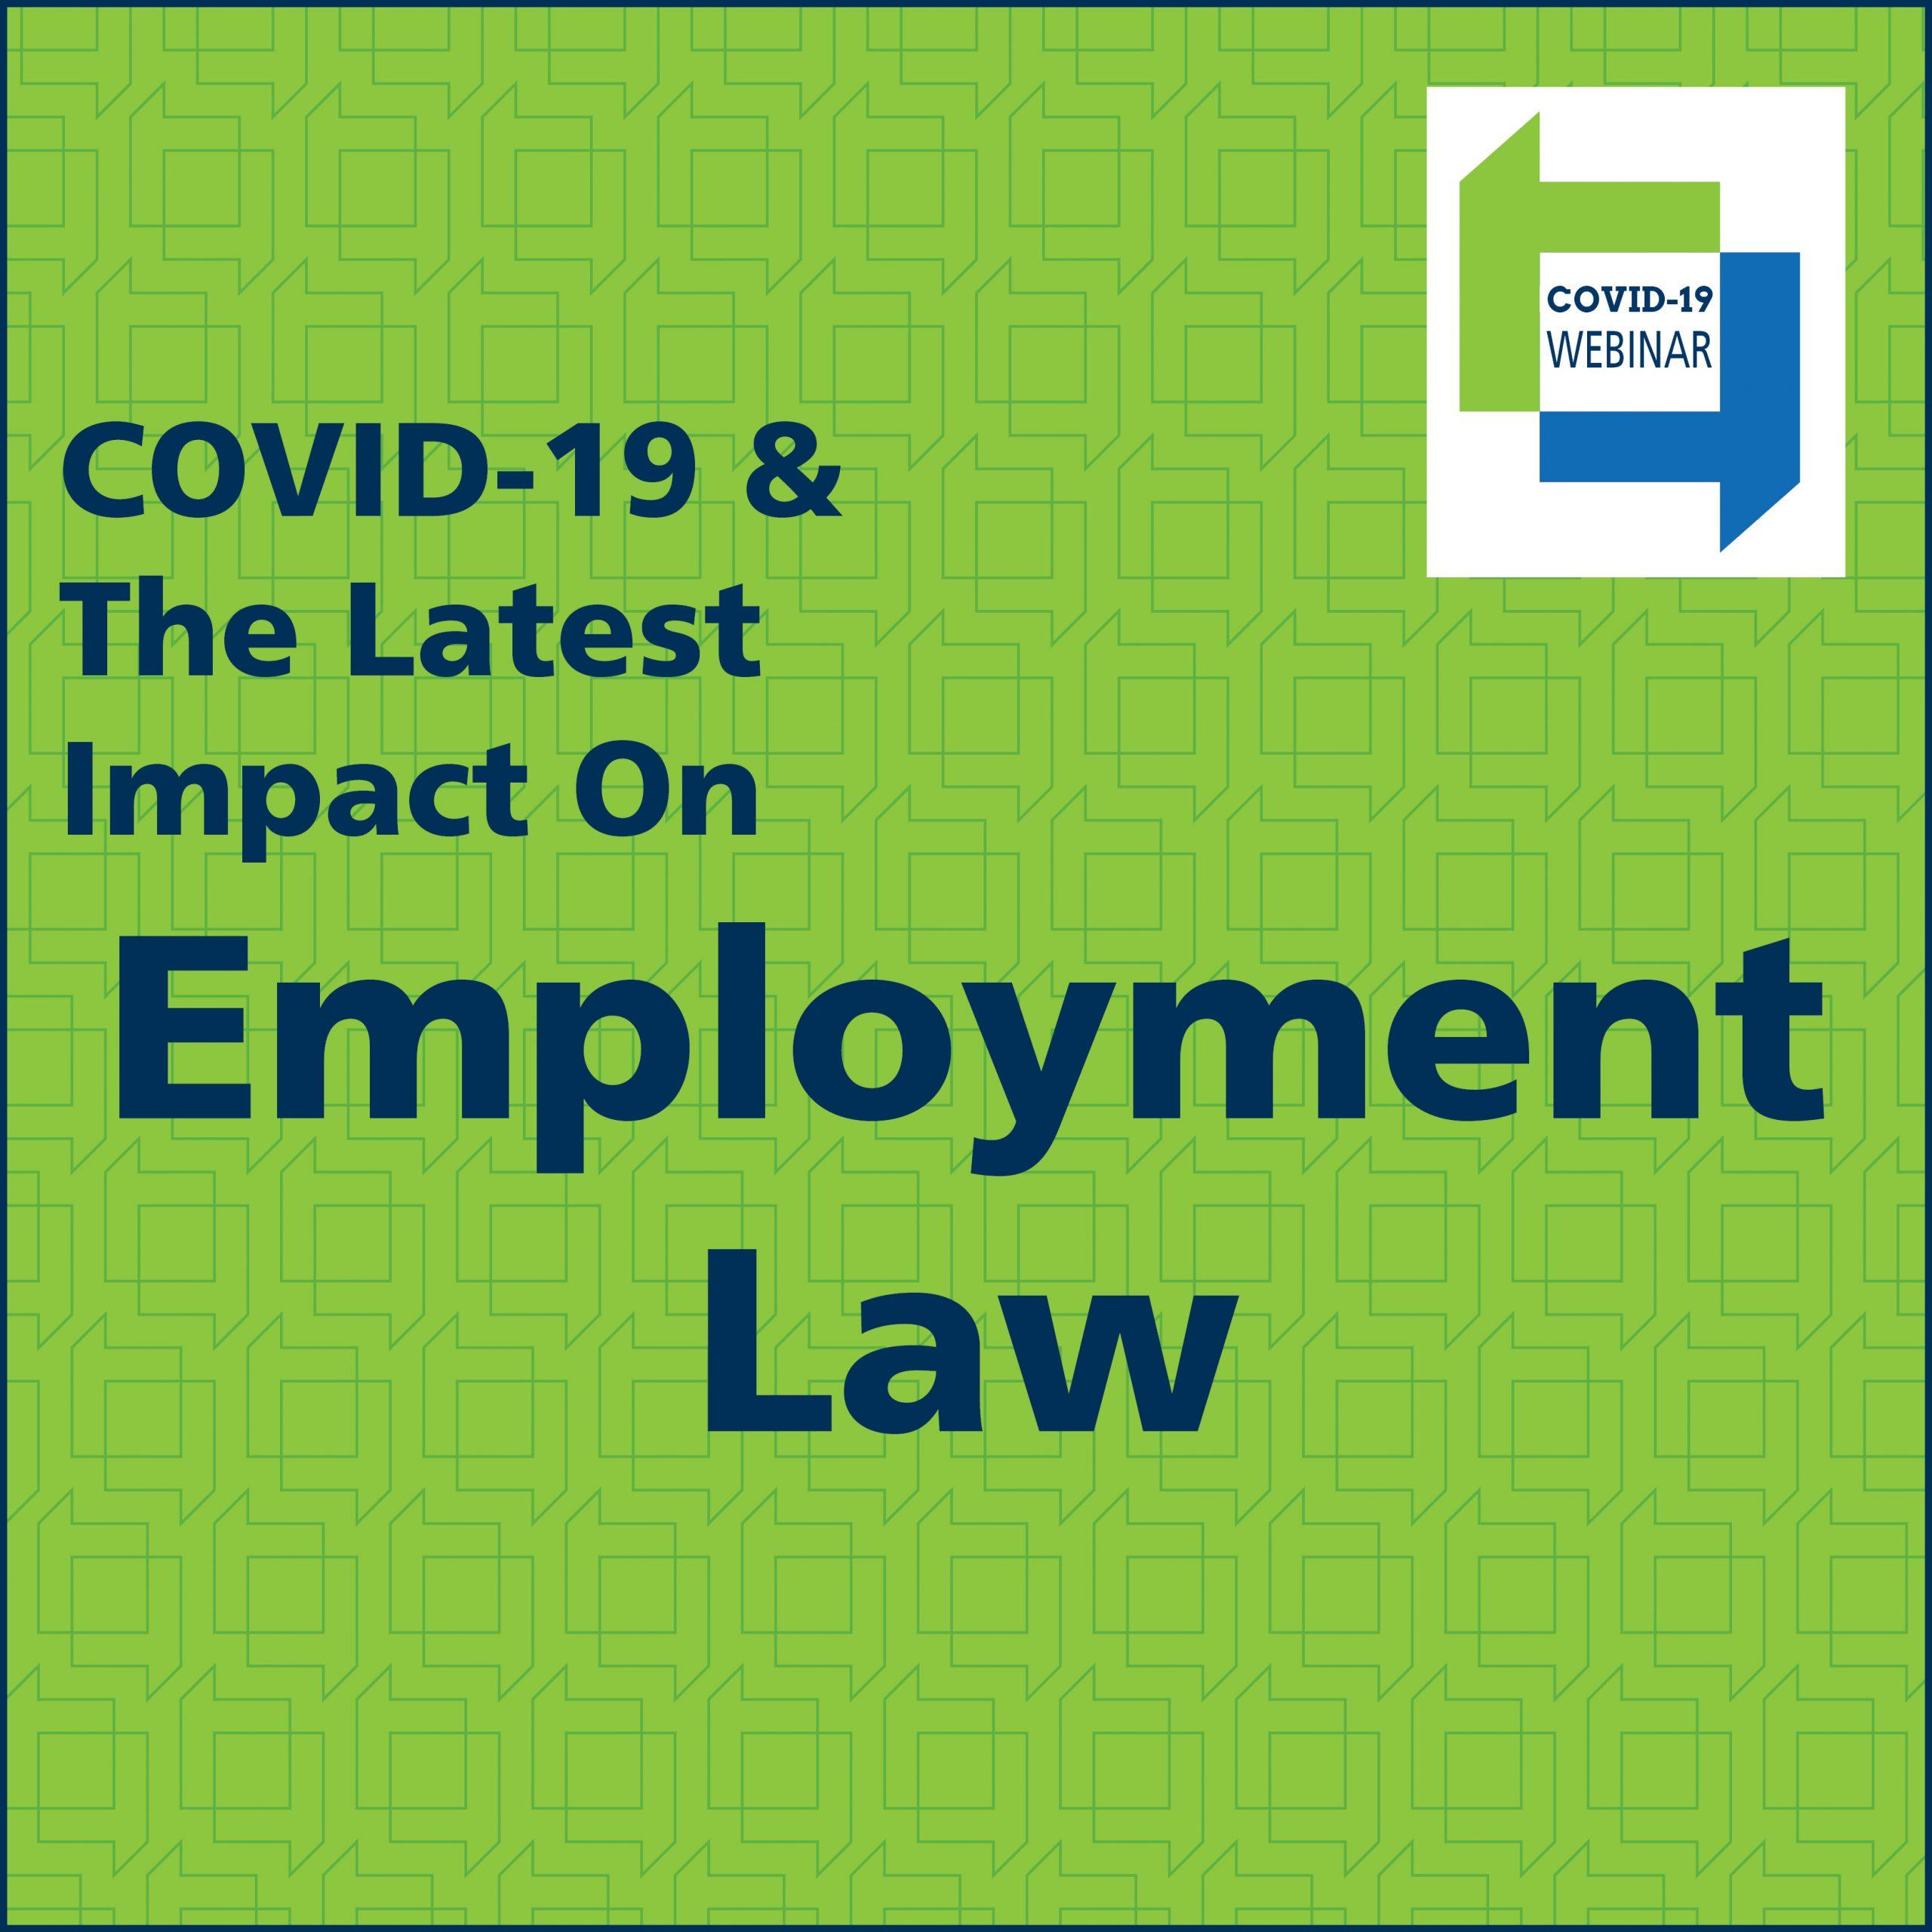 Strategic HR COVID-19 Webinar